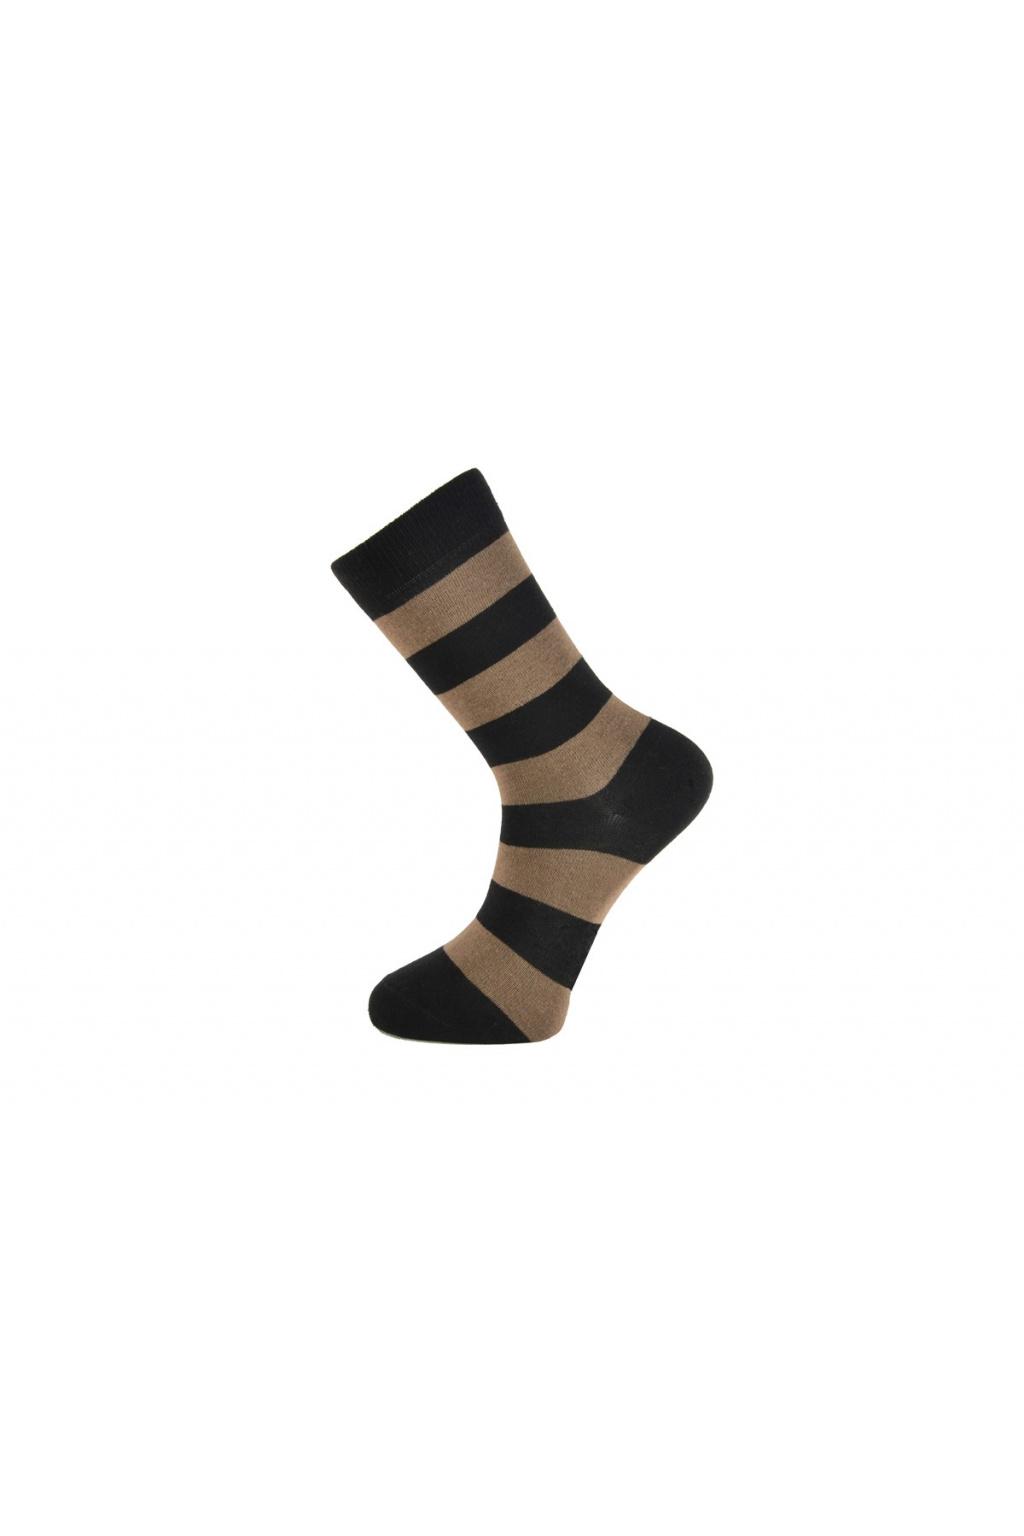 Pánské ponožky s hrubšími proužky - béžové